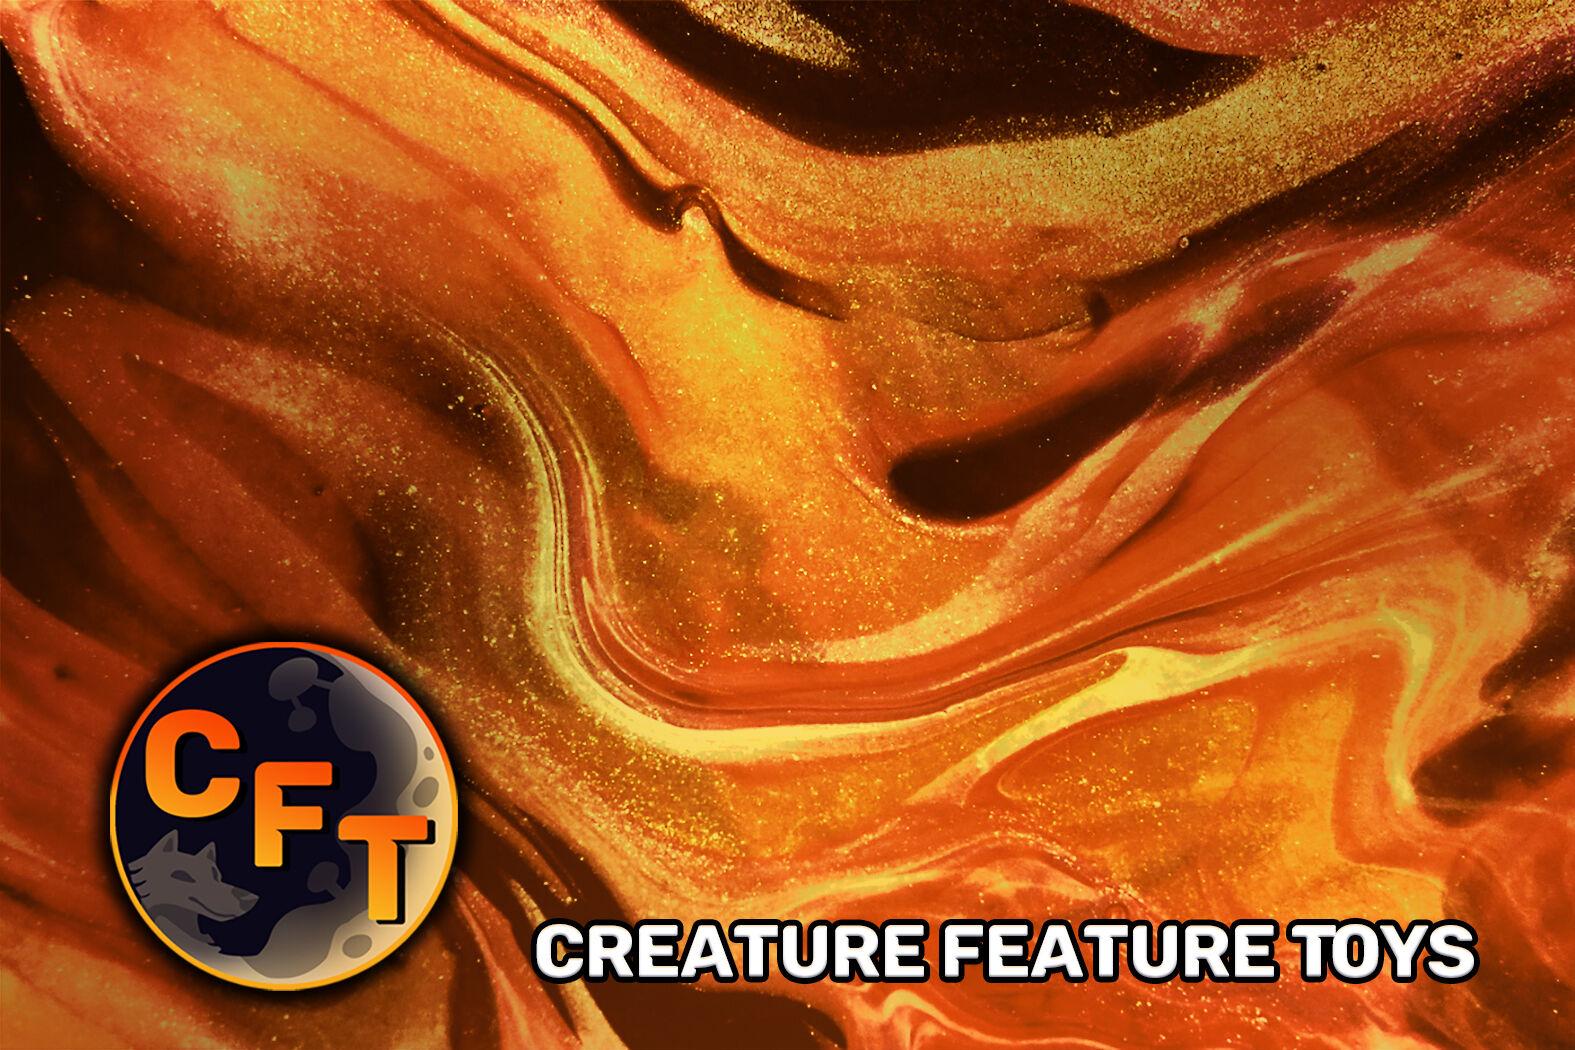 creaturefeaturetoys.com